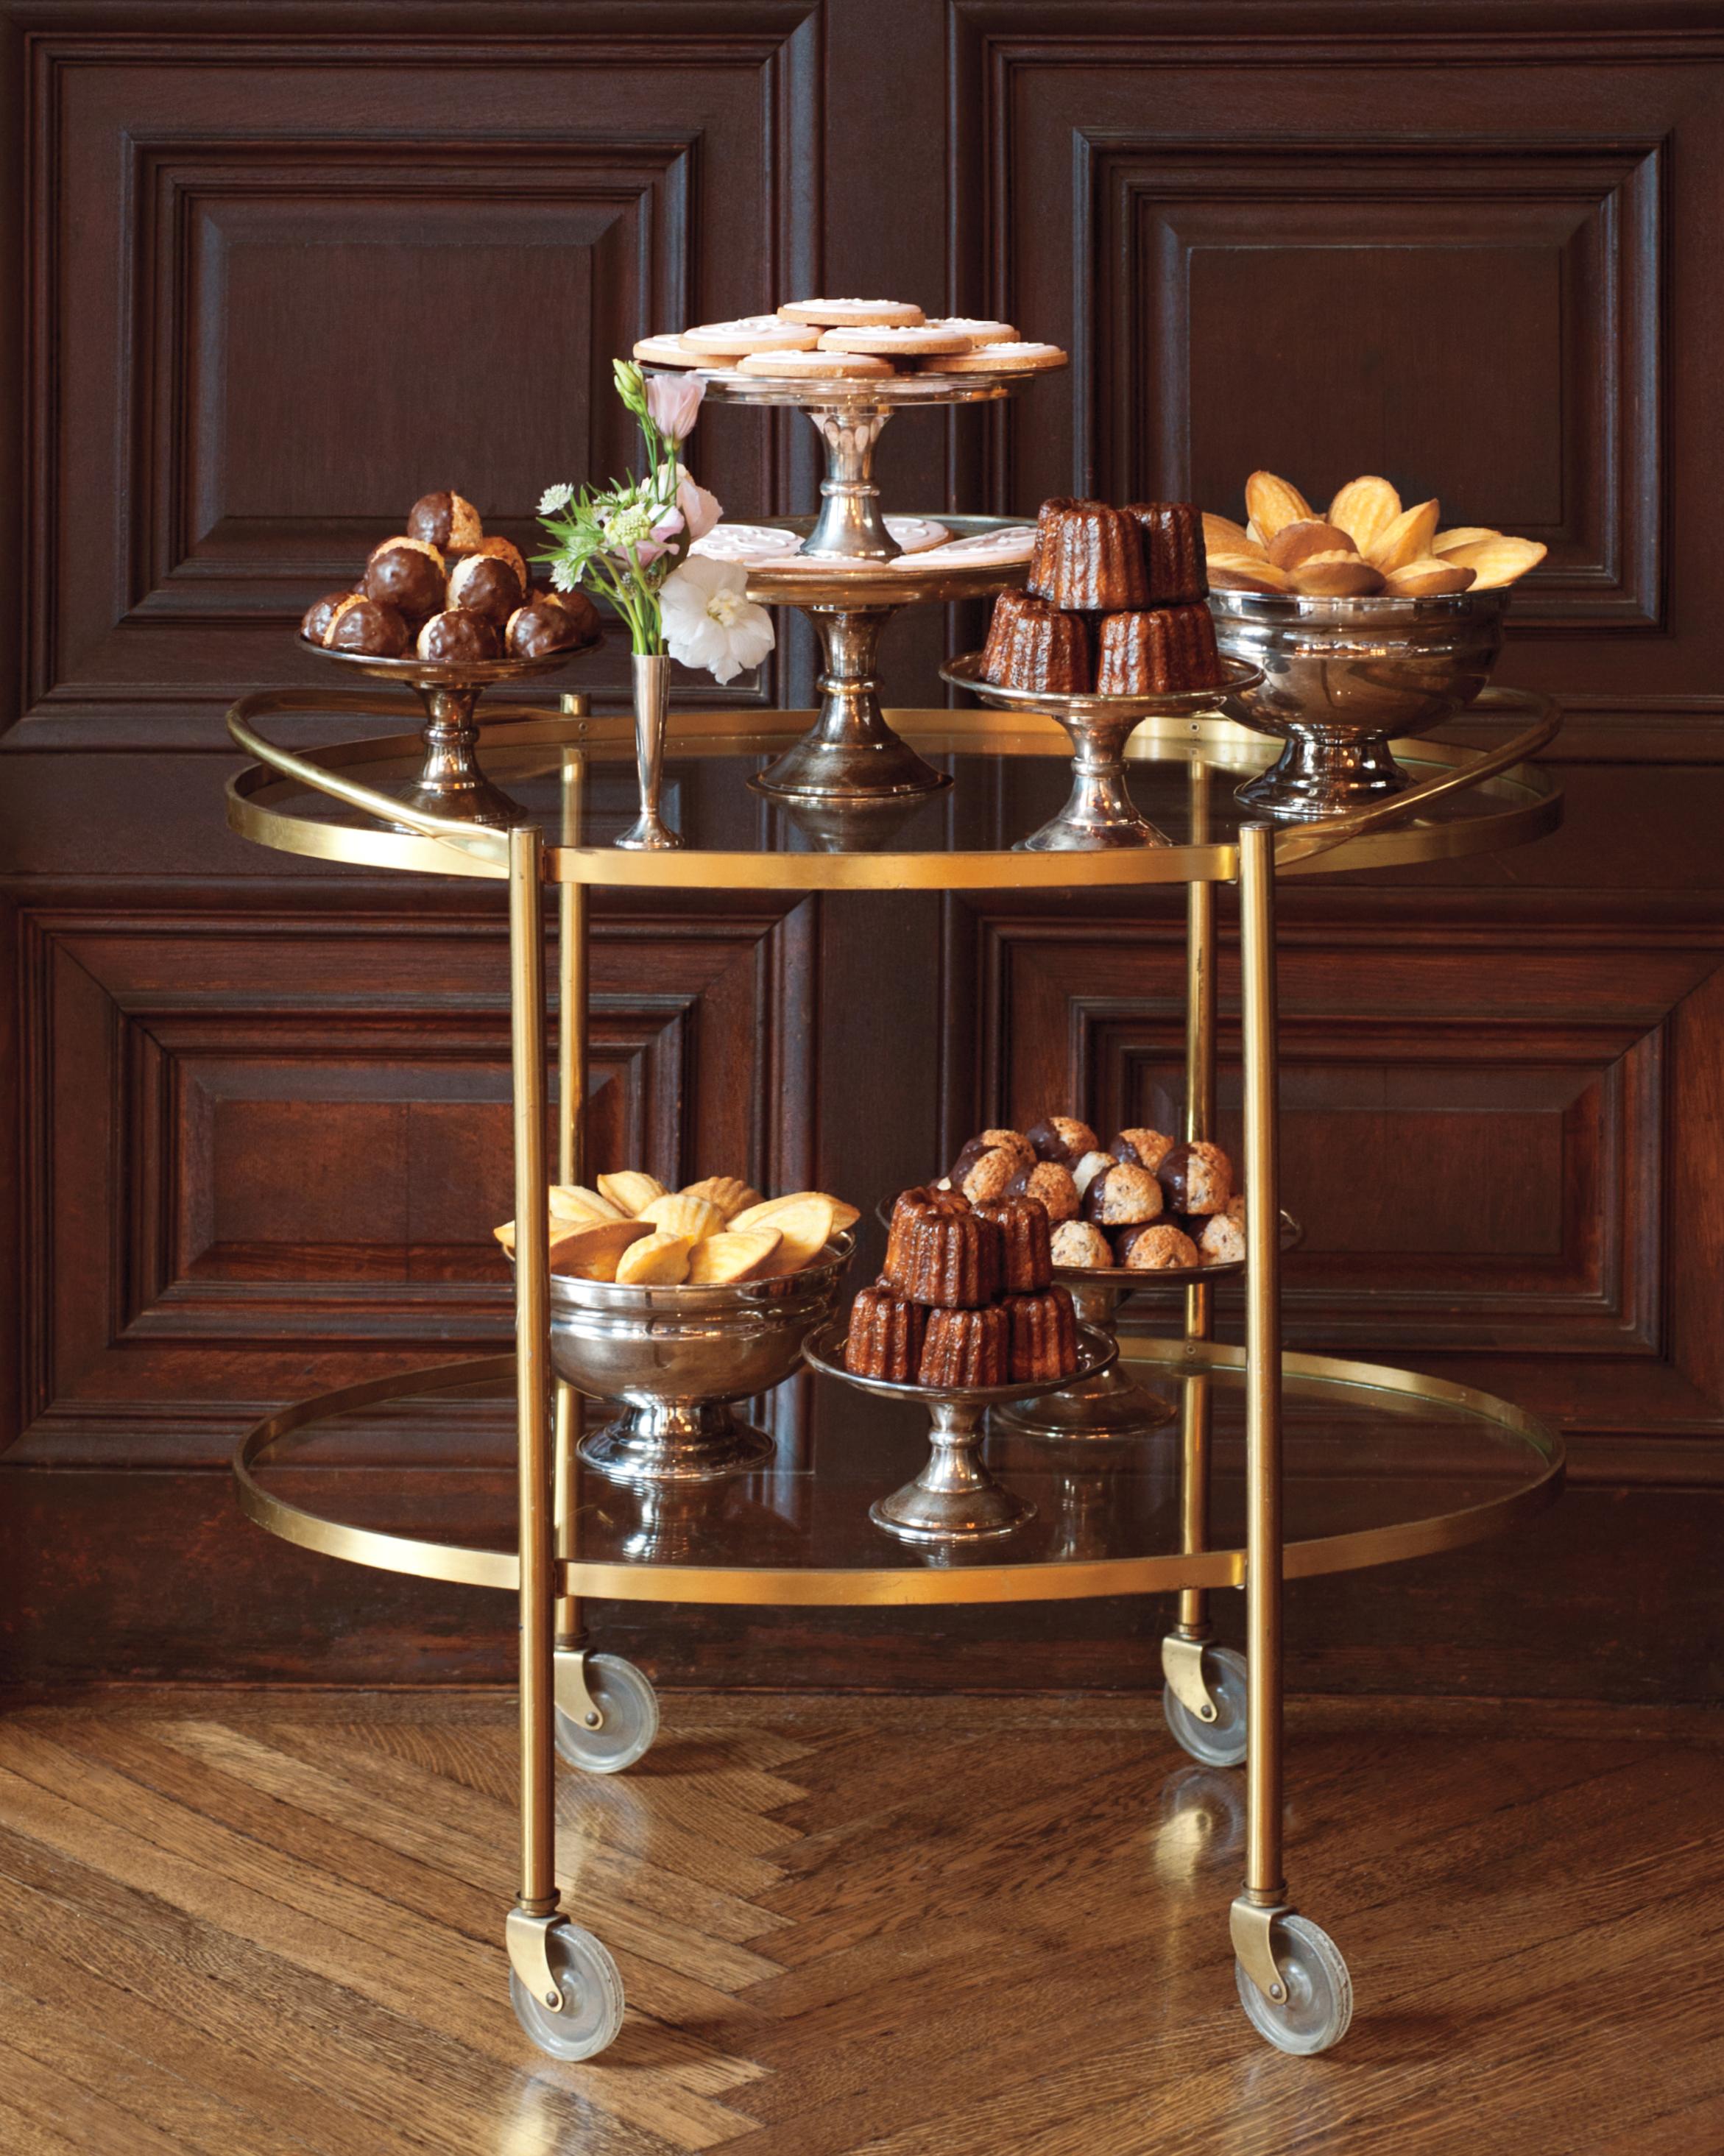 tiler-robbie-dessert-cart-4-d111357-comp.jpg